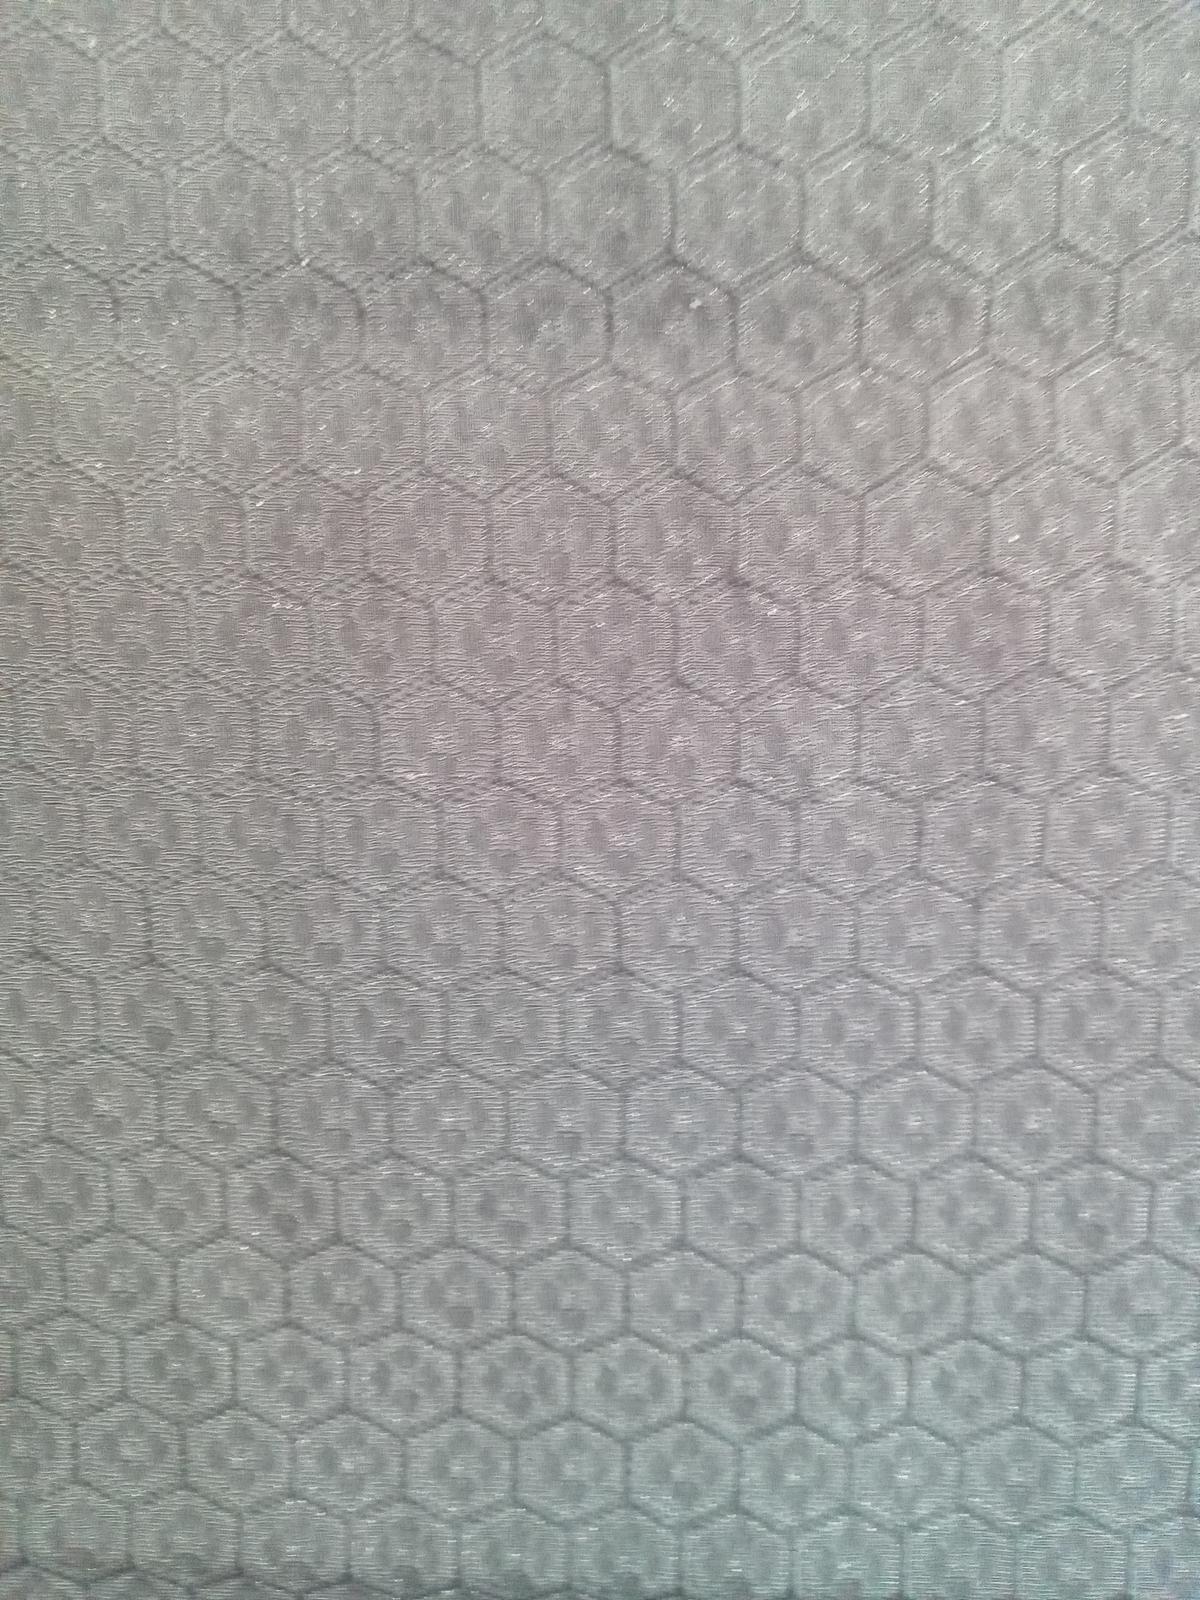 f:id:uribouwataru:20210909113017j:plain